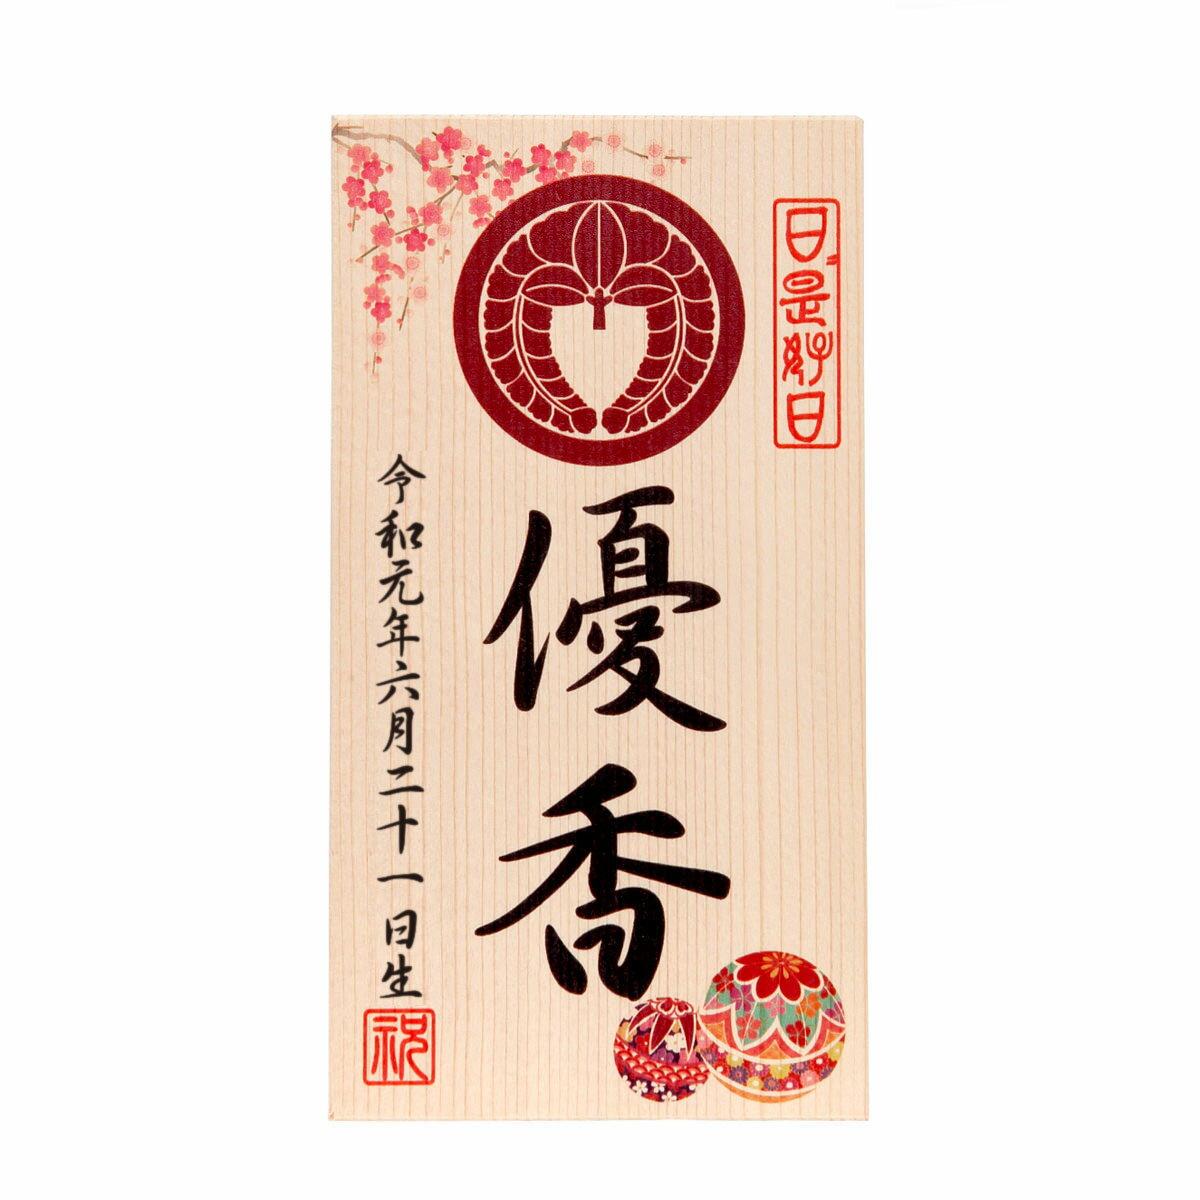 雛人形 ひな祭り 初節句 オルゴール付き立札 家紋・名前・生年月日入り 送料無料